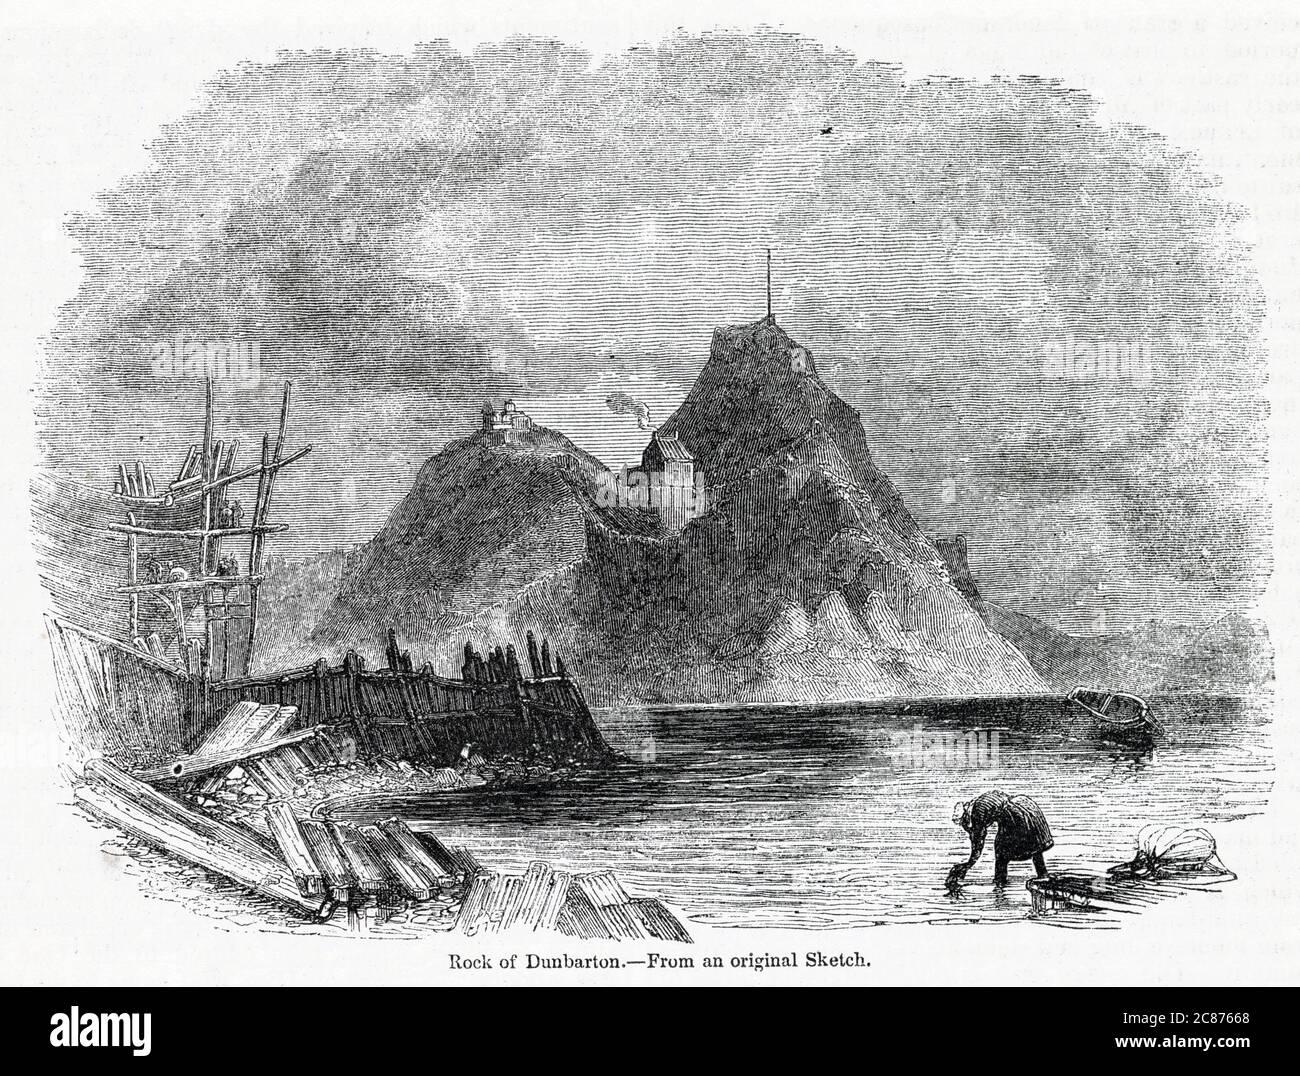 Vista del Castillo de Dumbarton y Dumbarton Rock, en el río Clyde, Escocia. Fecha: 1841 Foto de stock